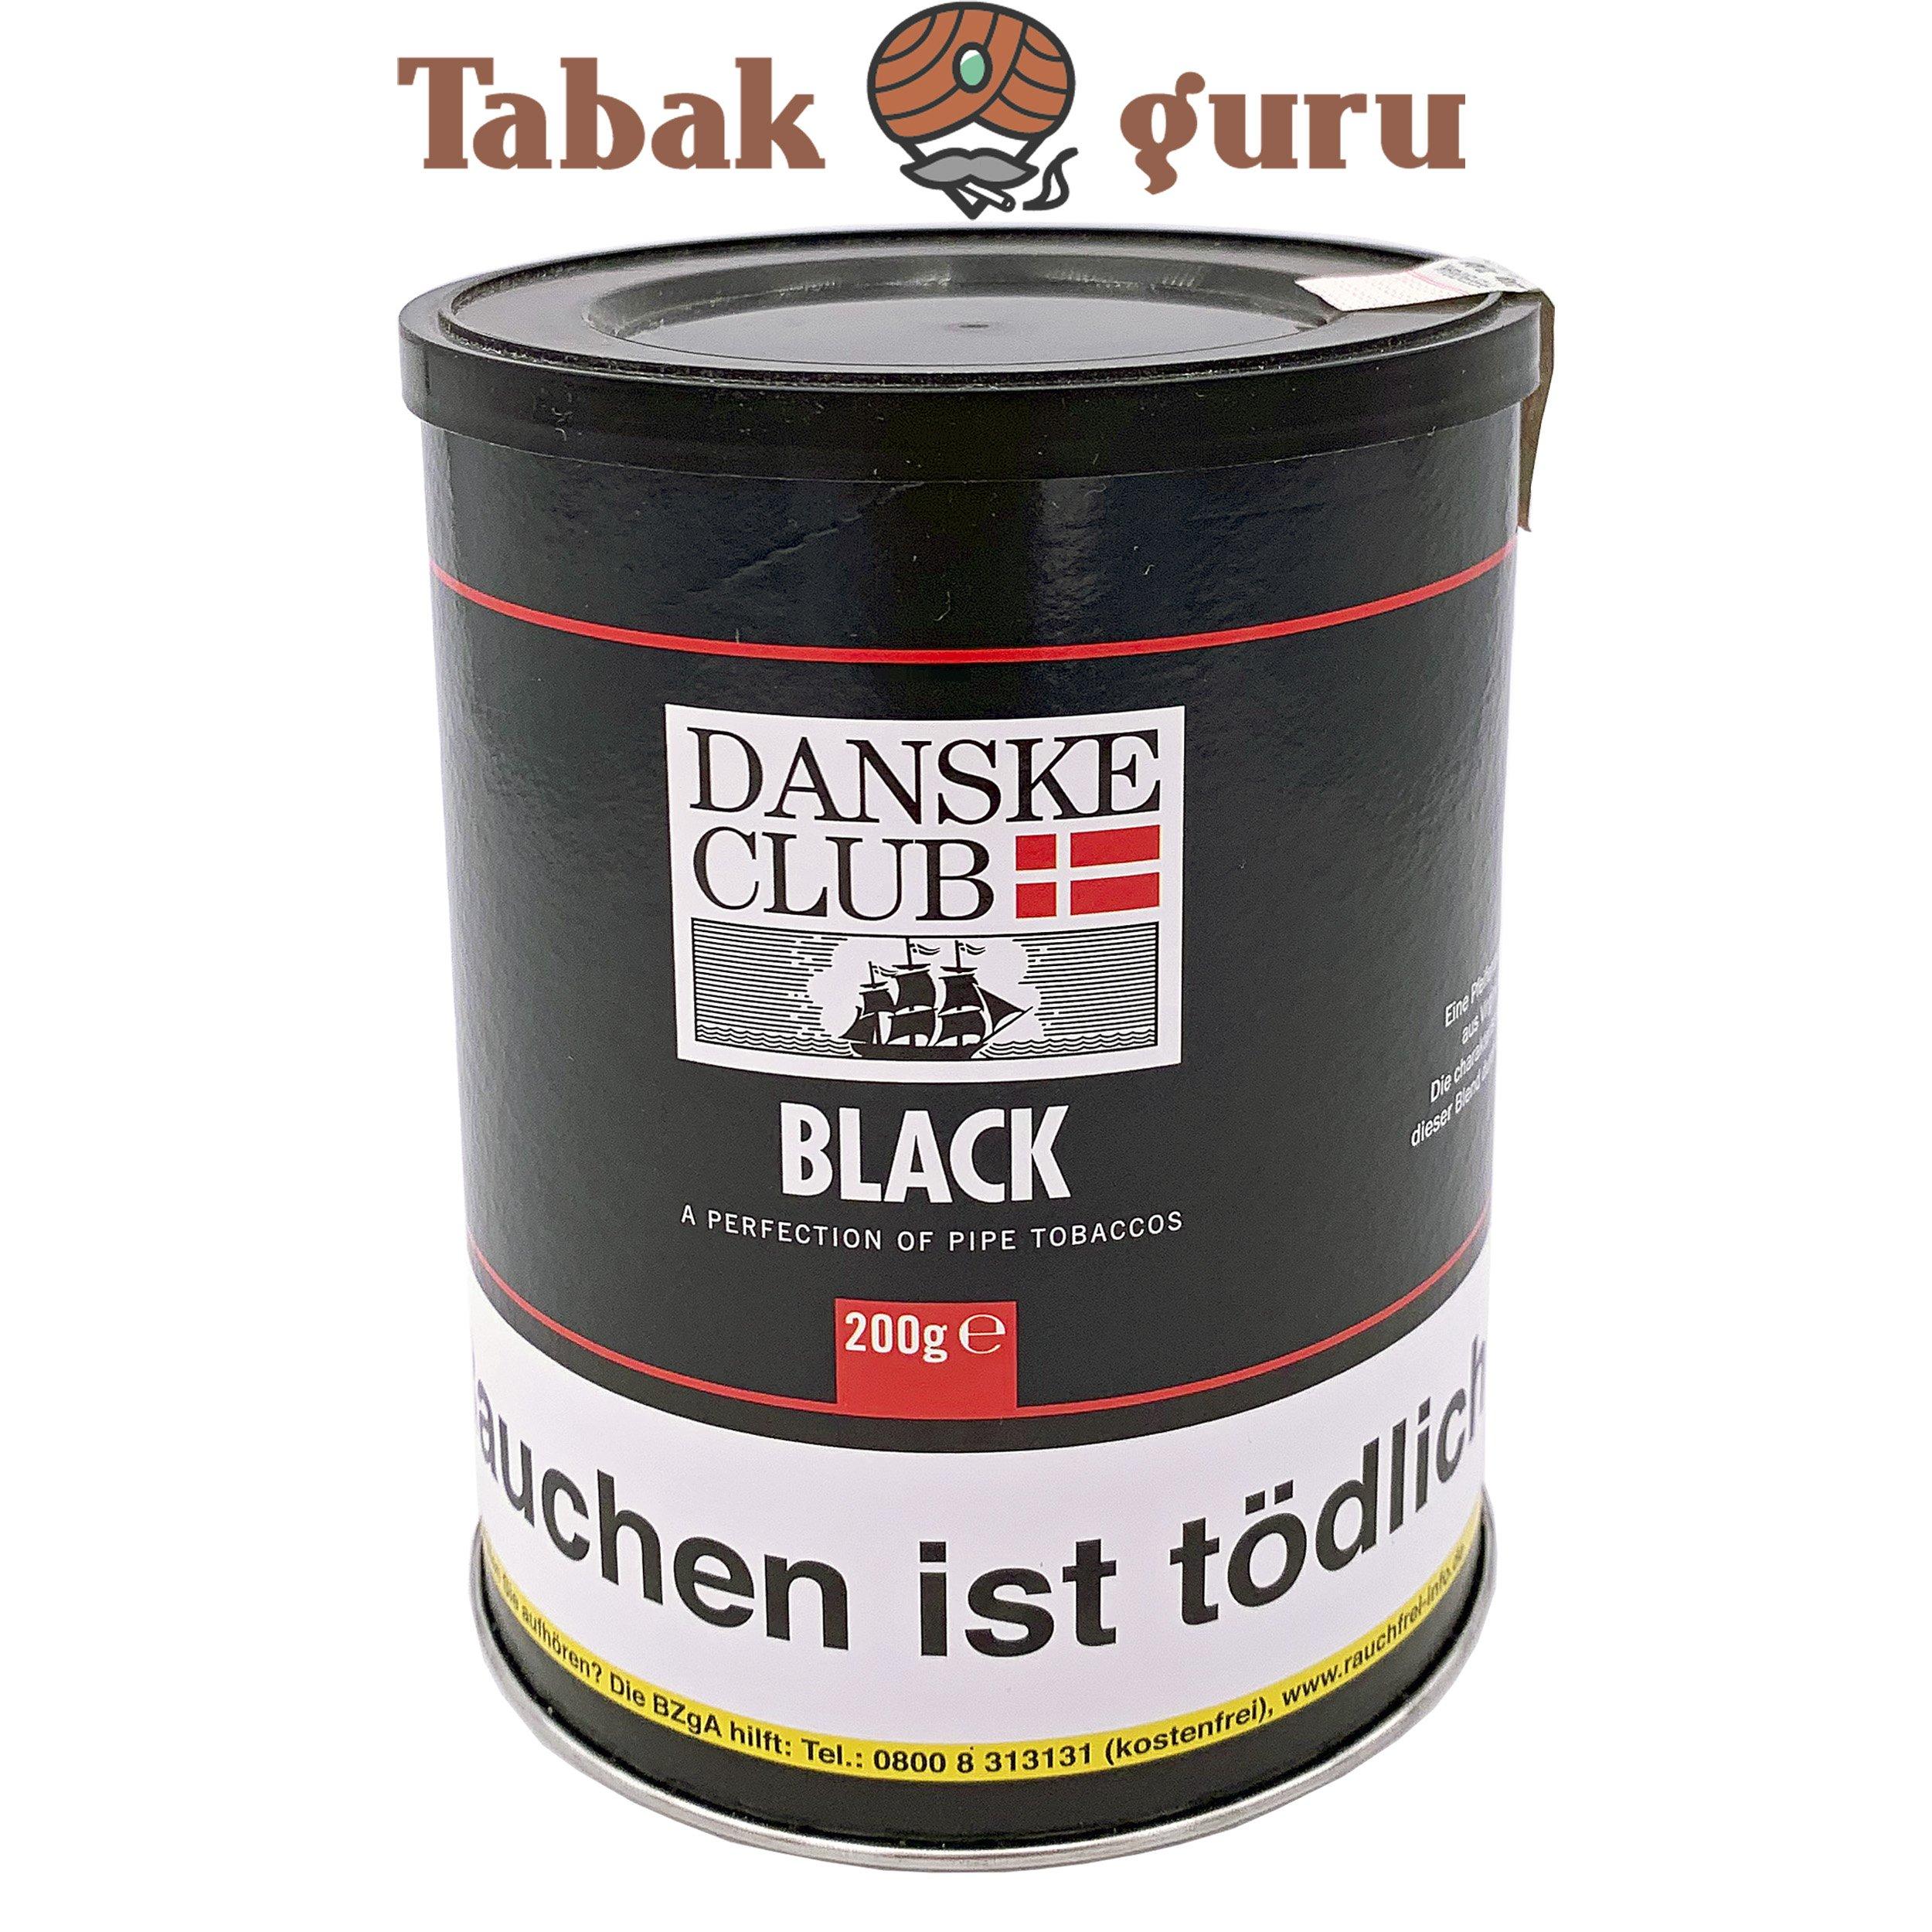 Danske Club Black Pfiefentabak 200 g Dose